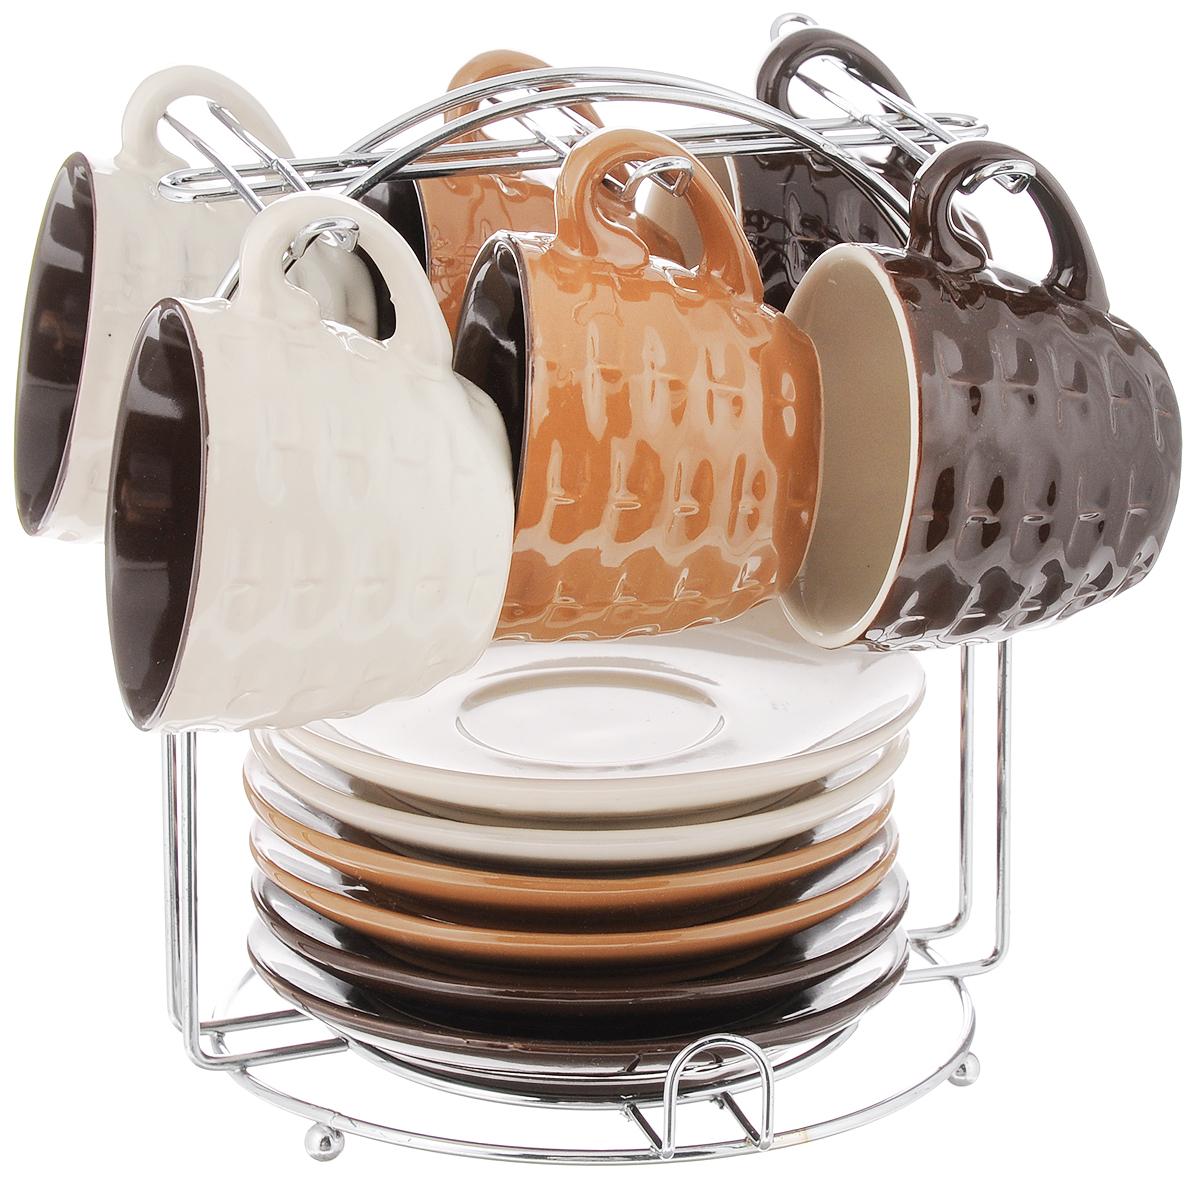 Набор кофейный Loraine, 13 предметов. 2466924669Кофейный набор Loraine состоит из 6 чашек и 6 блюдец. Изделия выполнены из высококачественной керамики. Внешние стенки чашек декорированы изысканным рельефом. Набор выполнен в красивых кофейных тонах. Теплостойкие ручки обеспечивают комфорт во время использования. Изящный дизайн придется по вкусу и ценителям классики, и тем, кто предпочитает утонченность и изысканность. Кофе, сервированный в такой посуде, настроит на позитивный лад и подарит хорошее настроение. В комплекте предусмотрена металлическая подставка. Кофейный набор Loraine - идеальный и необходимый подарок для вашего дома и для ваших друзей в праздники. Можно мыть в посудомоечной машине, использовать в микроволновой печи, а также ставить в холодильник. Объем чашки: 90 мл. Высота чашки (по верхнему краю): 6,5 см. Высота чашки: 5 см. Диаметр блюдца: 11,5 см. Размер подставки: 15 х 15 х 17 см.